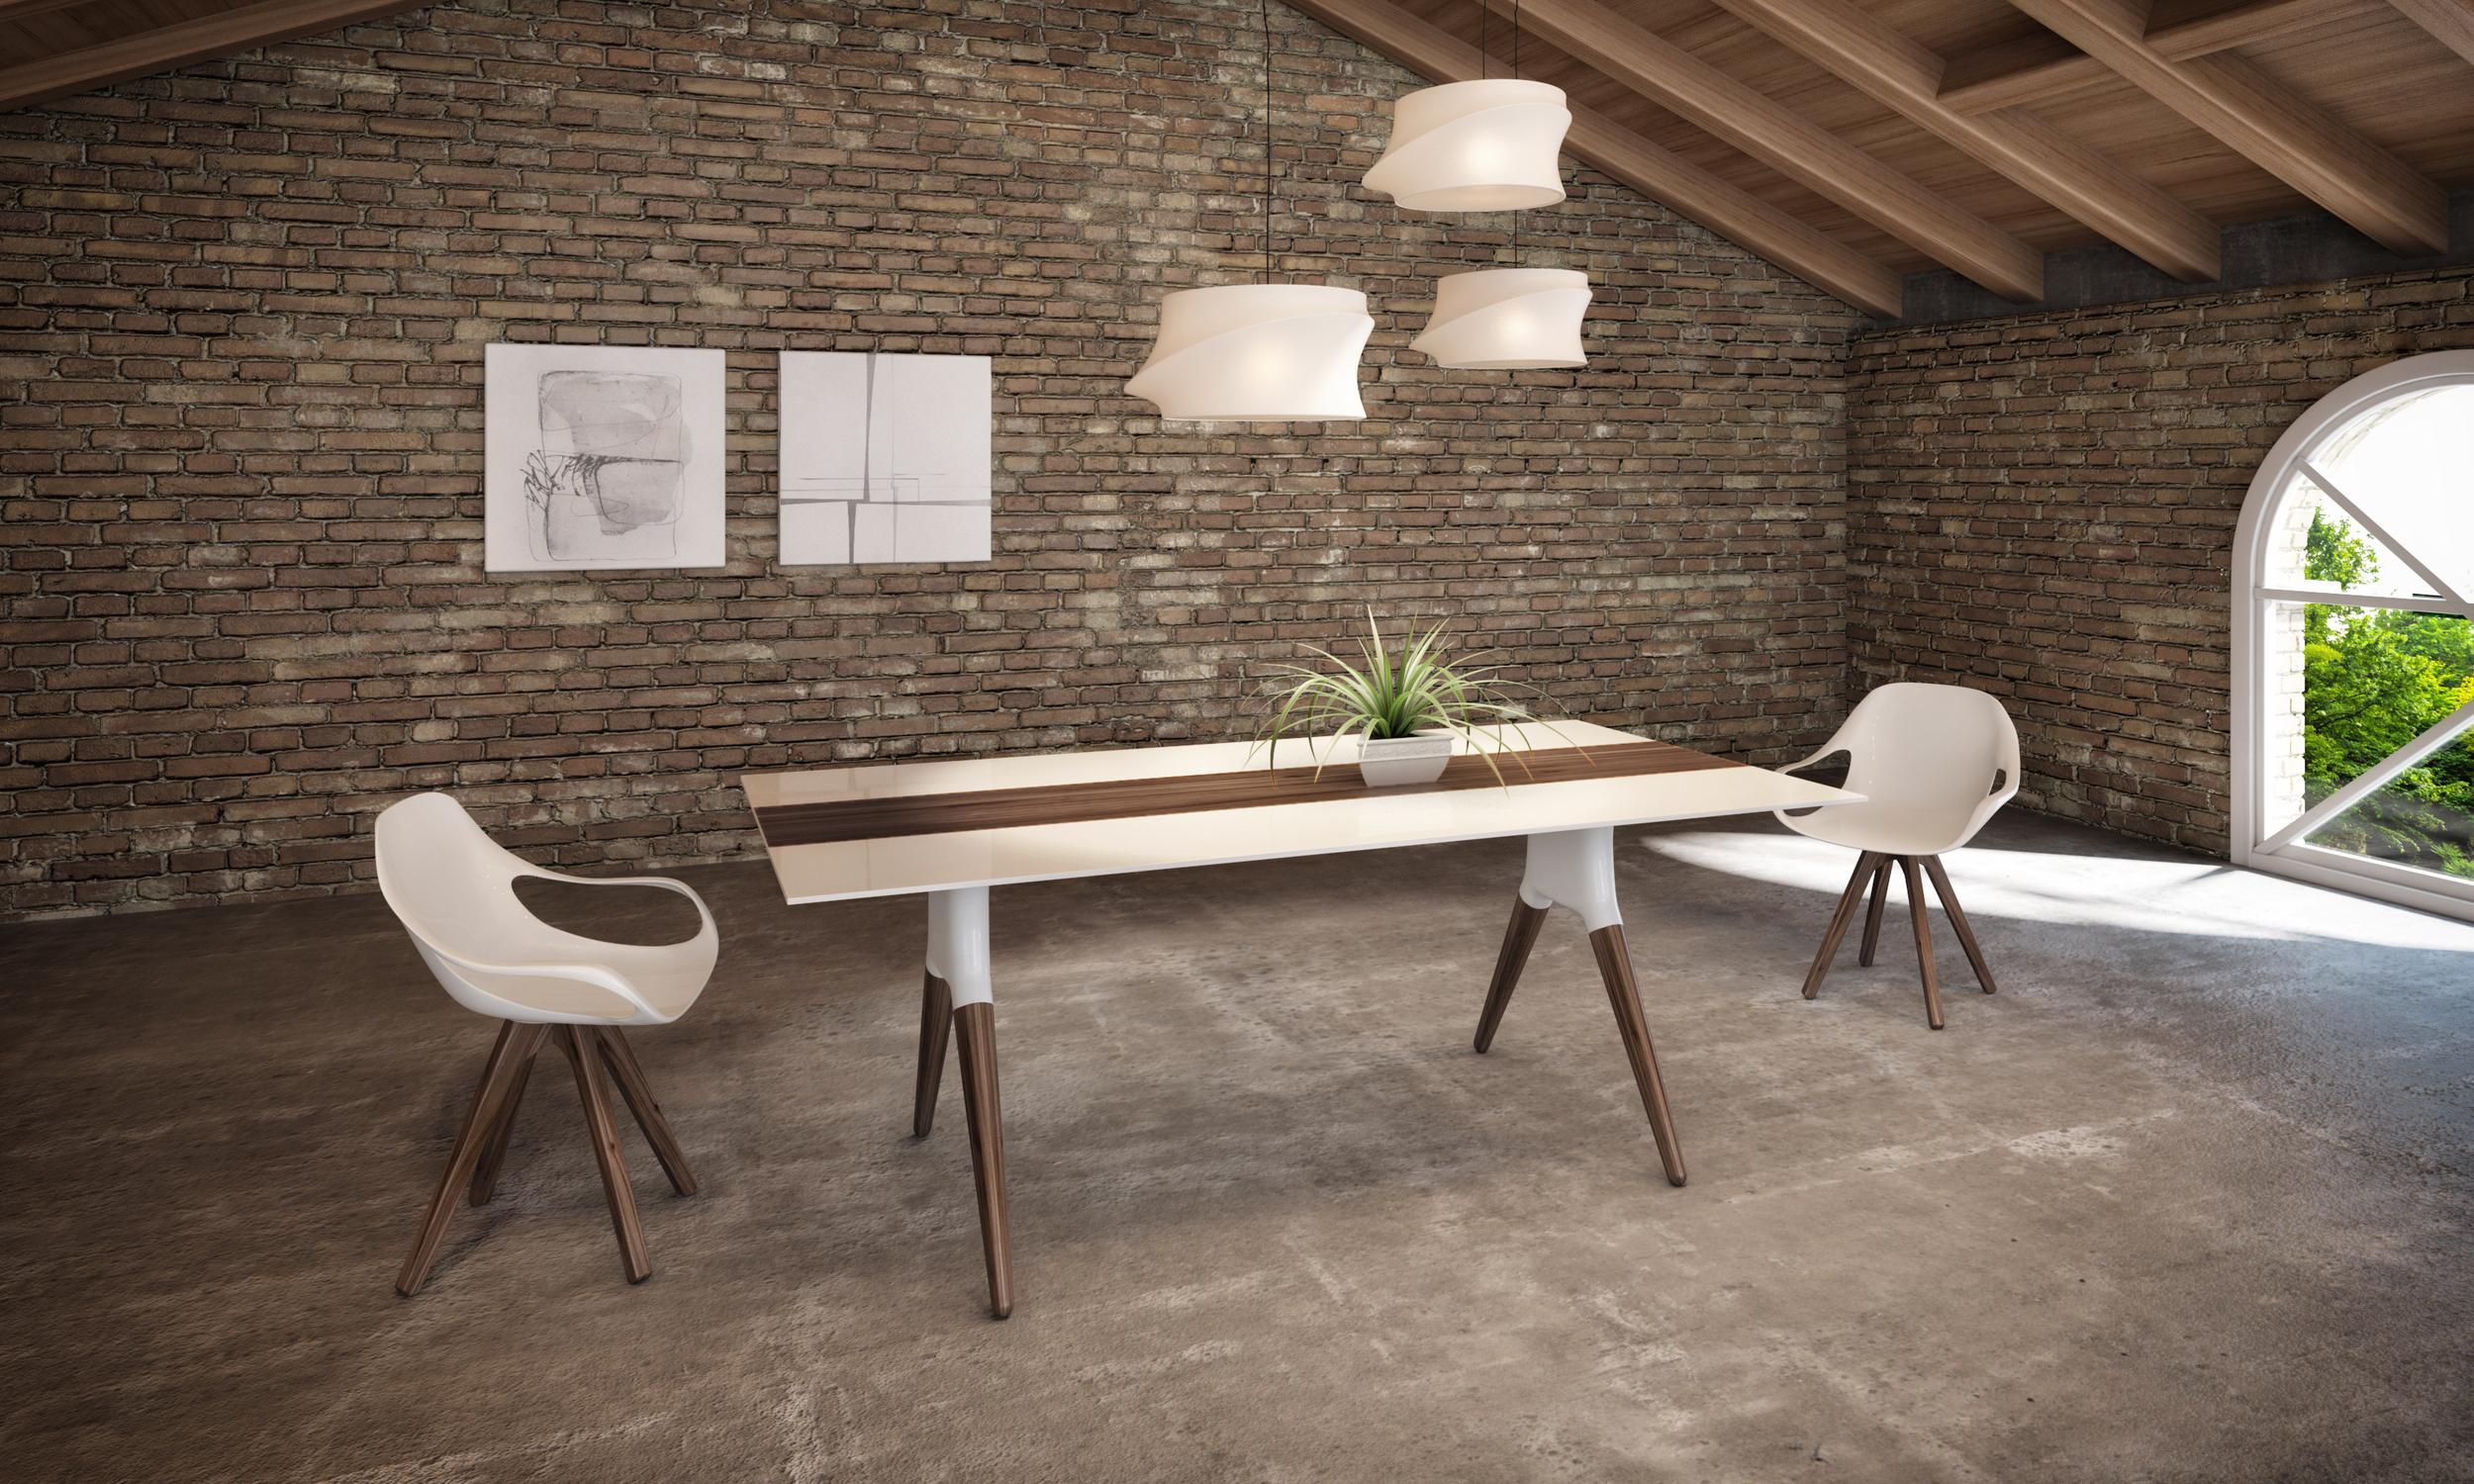 zs_colibri_victor+alicia_table_scene_v2.jpg